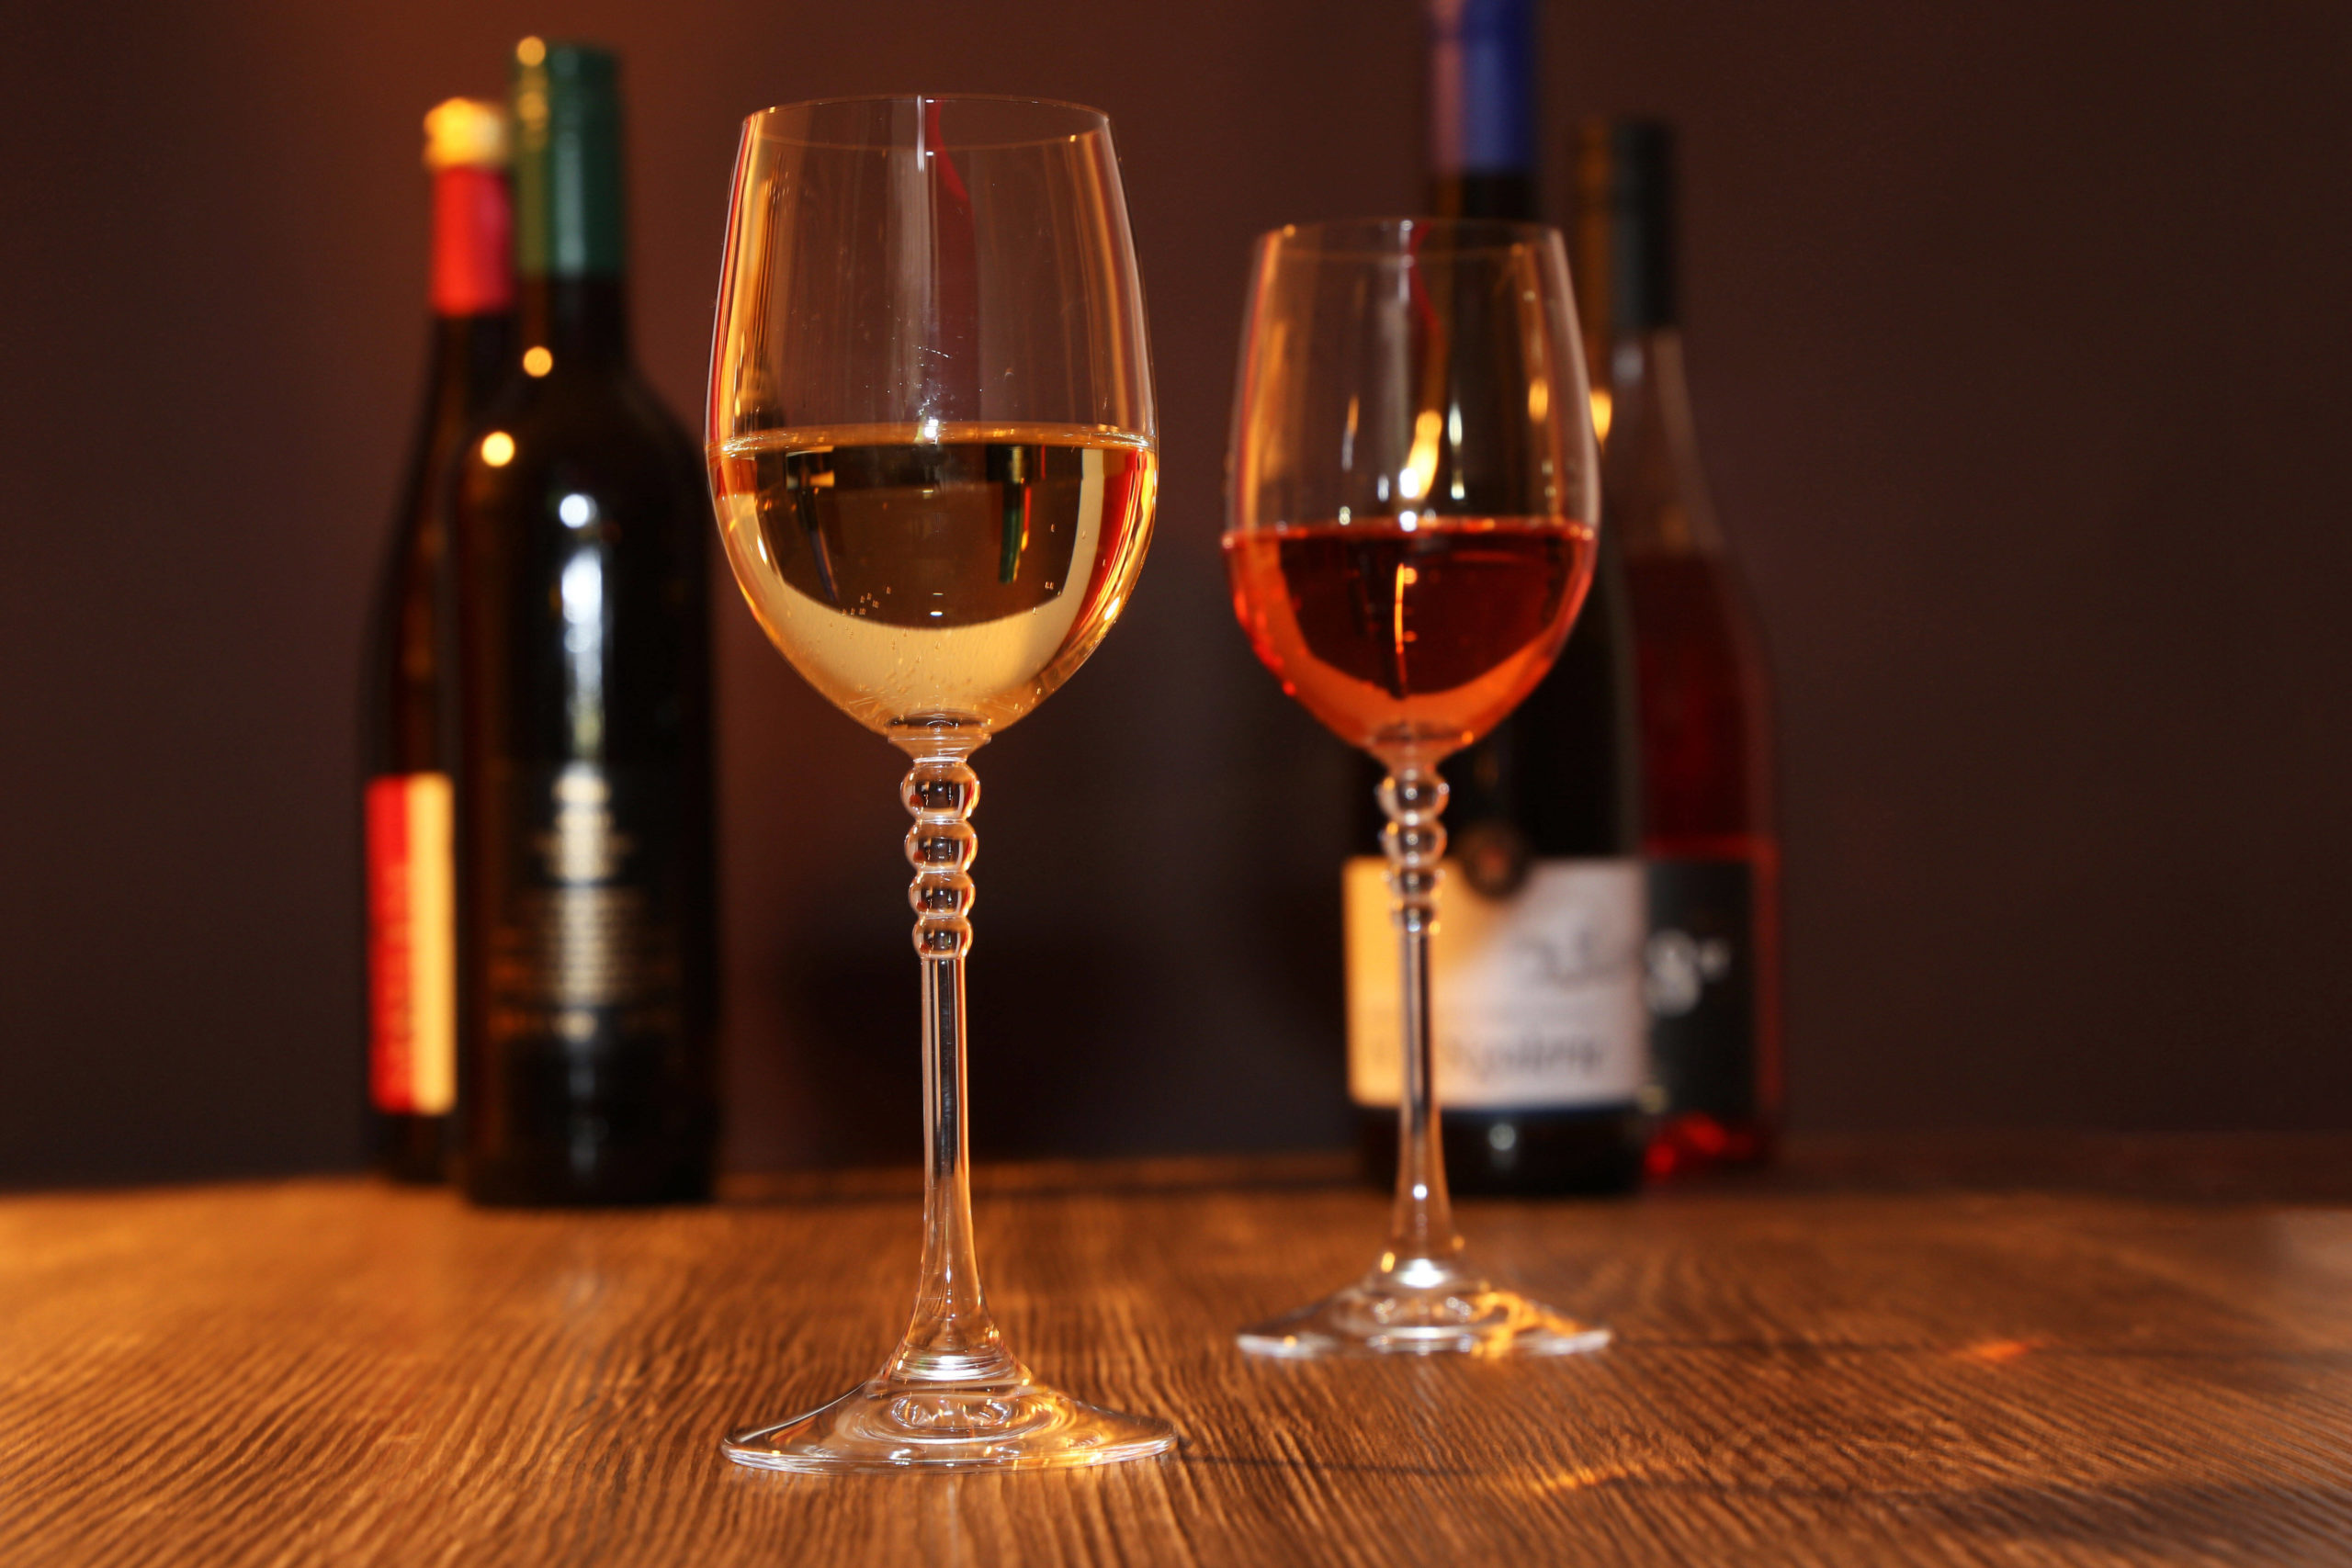 Weinbar Berlin Leckere Weine aus Deutschland, Frankreich, Italien, der Tschechischen Republik, Rumänien und Südafrika. Bei Shed gibt es eine große Auswahl.